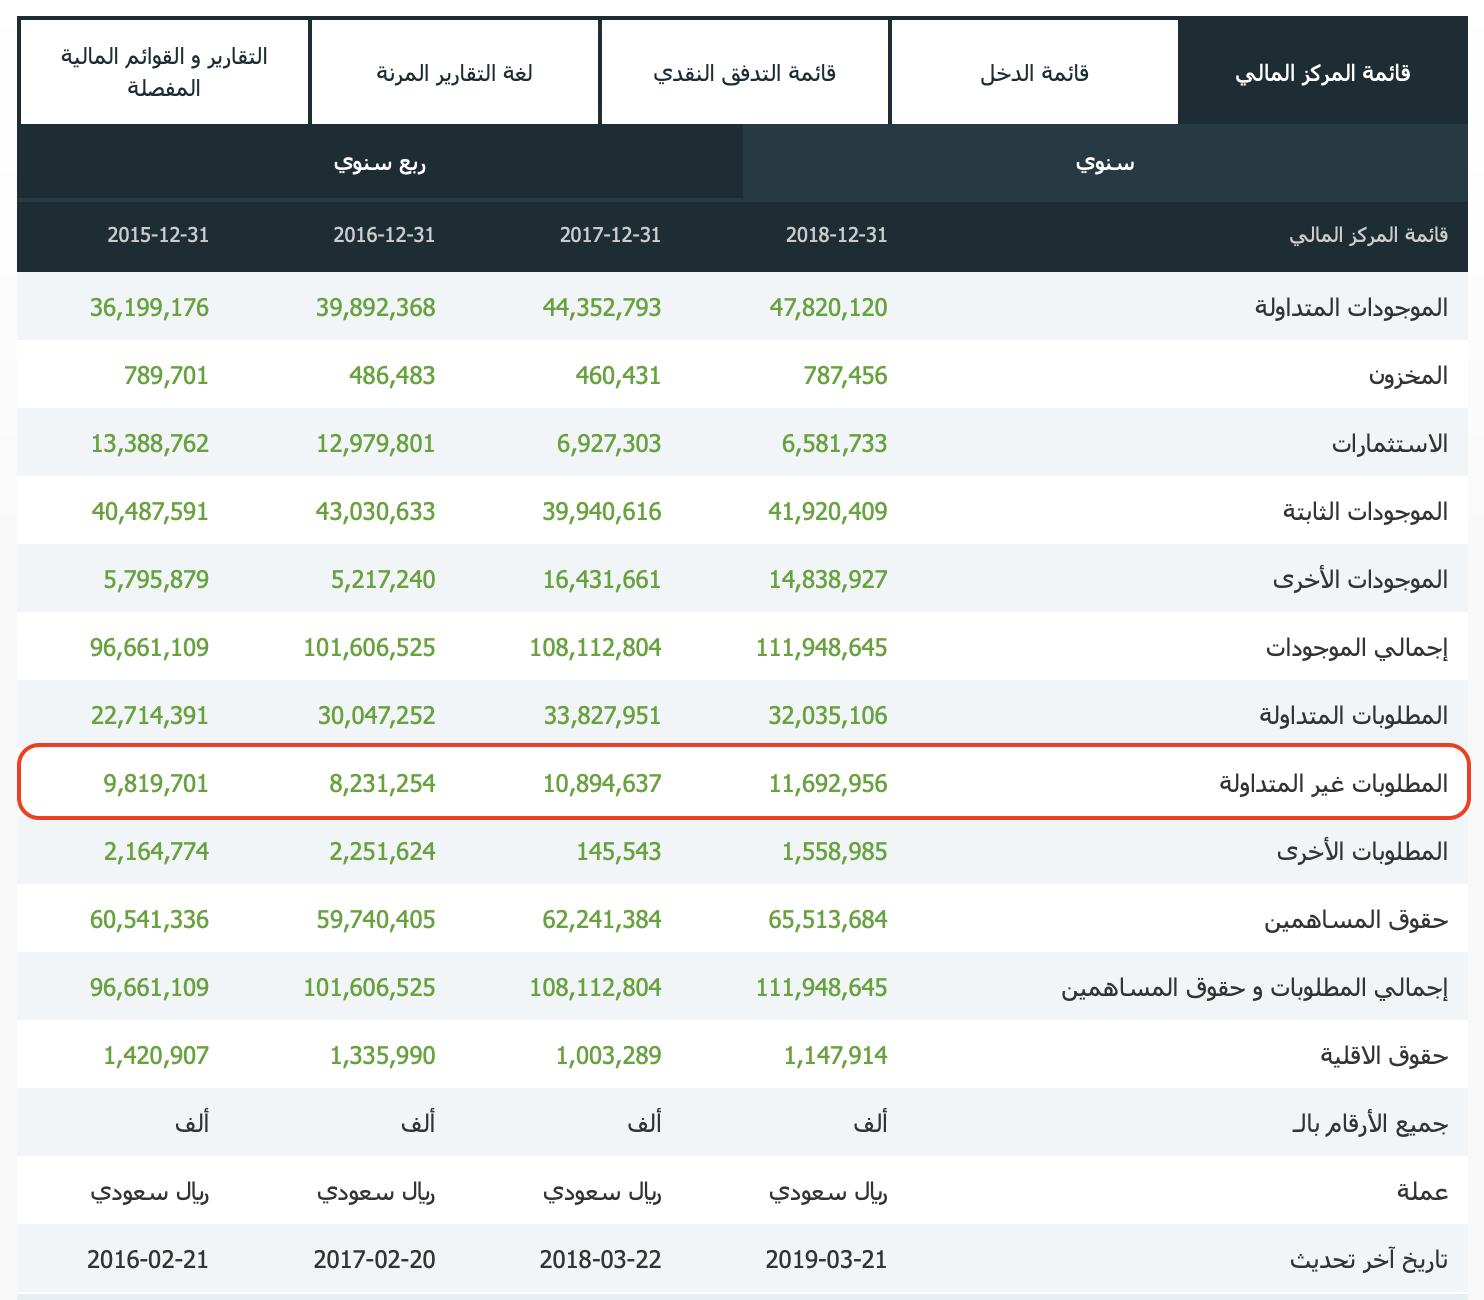 قائمة المركز المالي - المطلوبات غير المتداولة